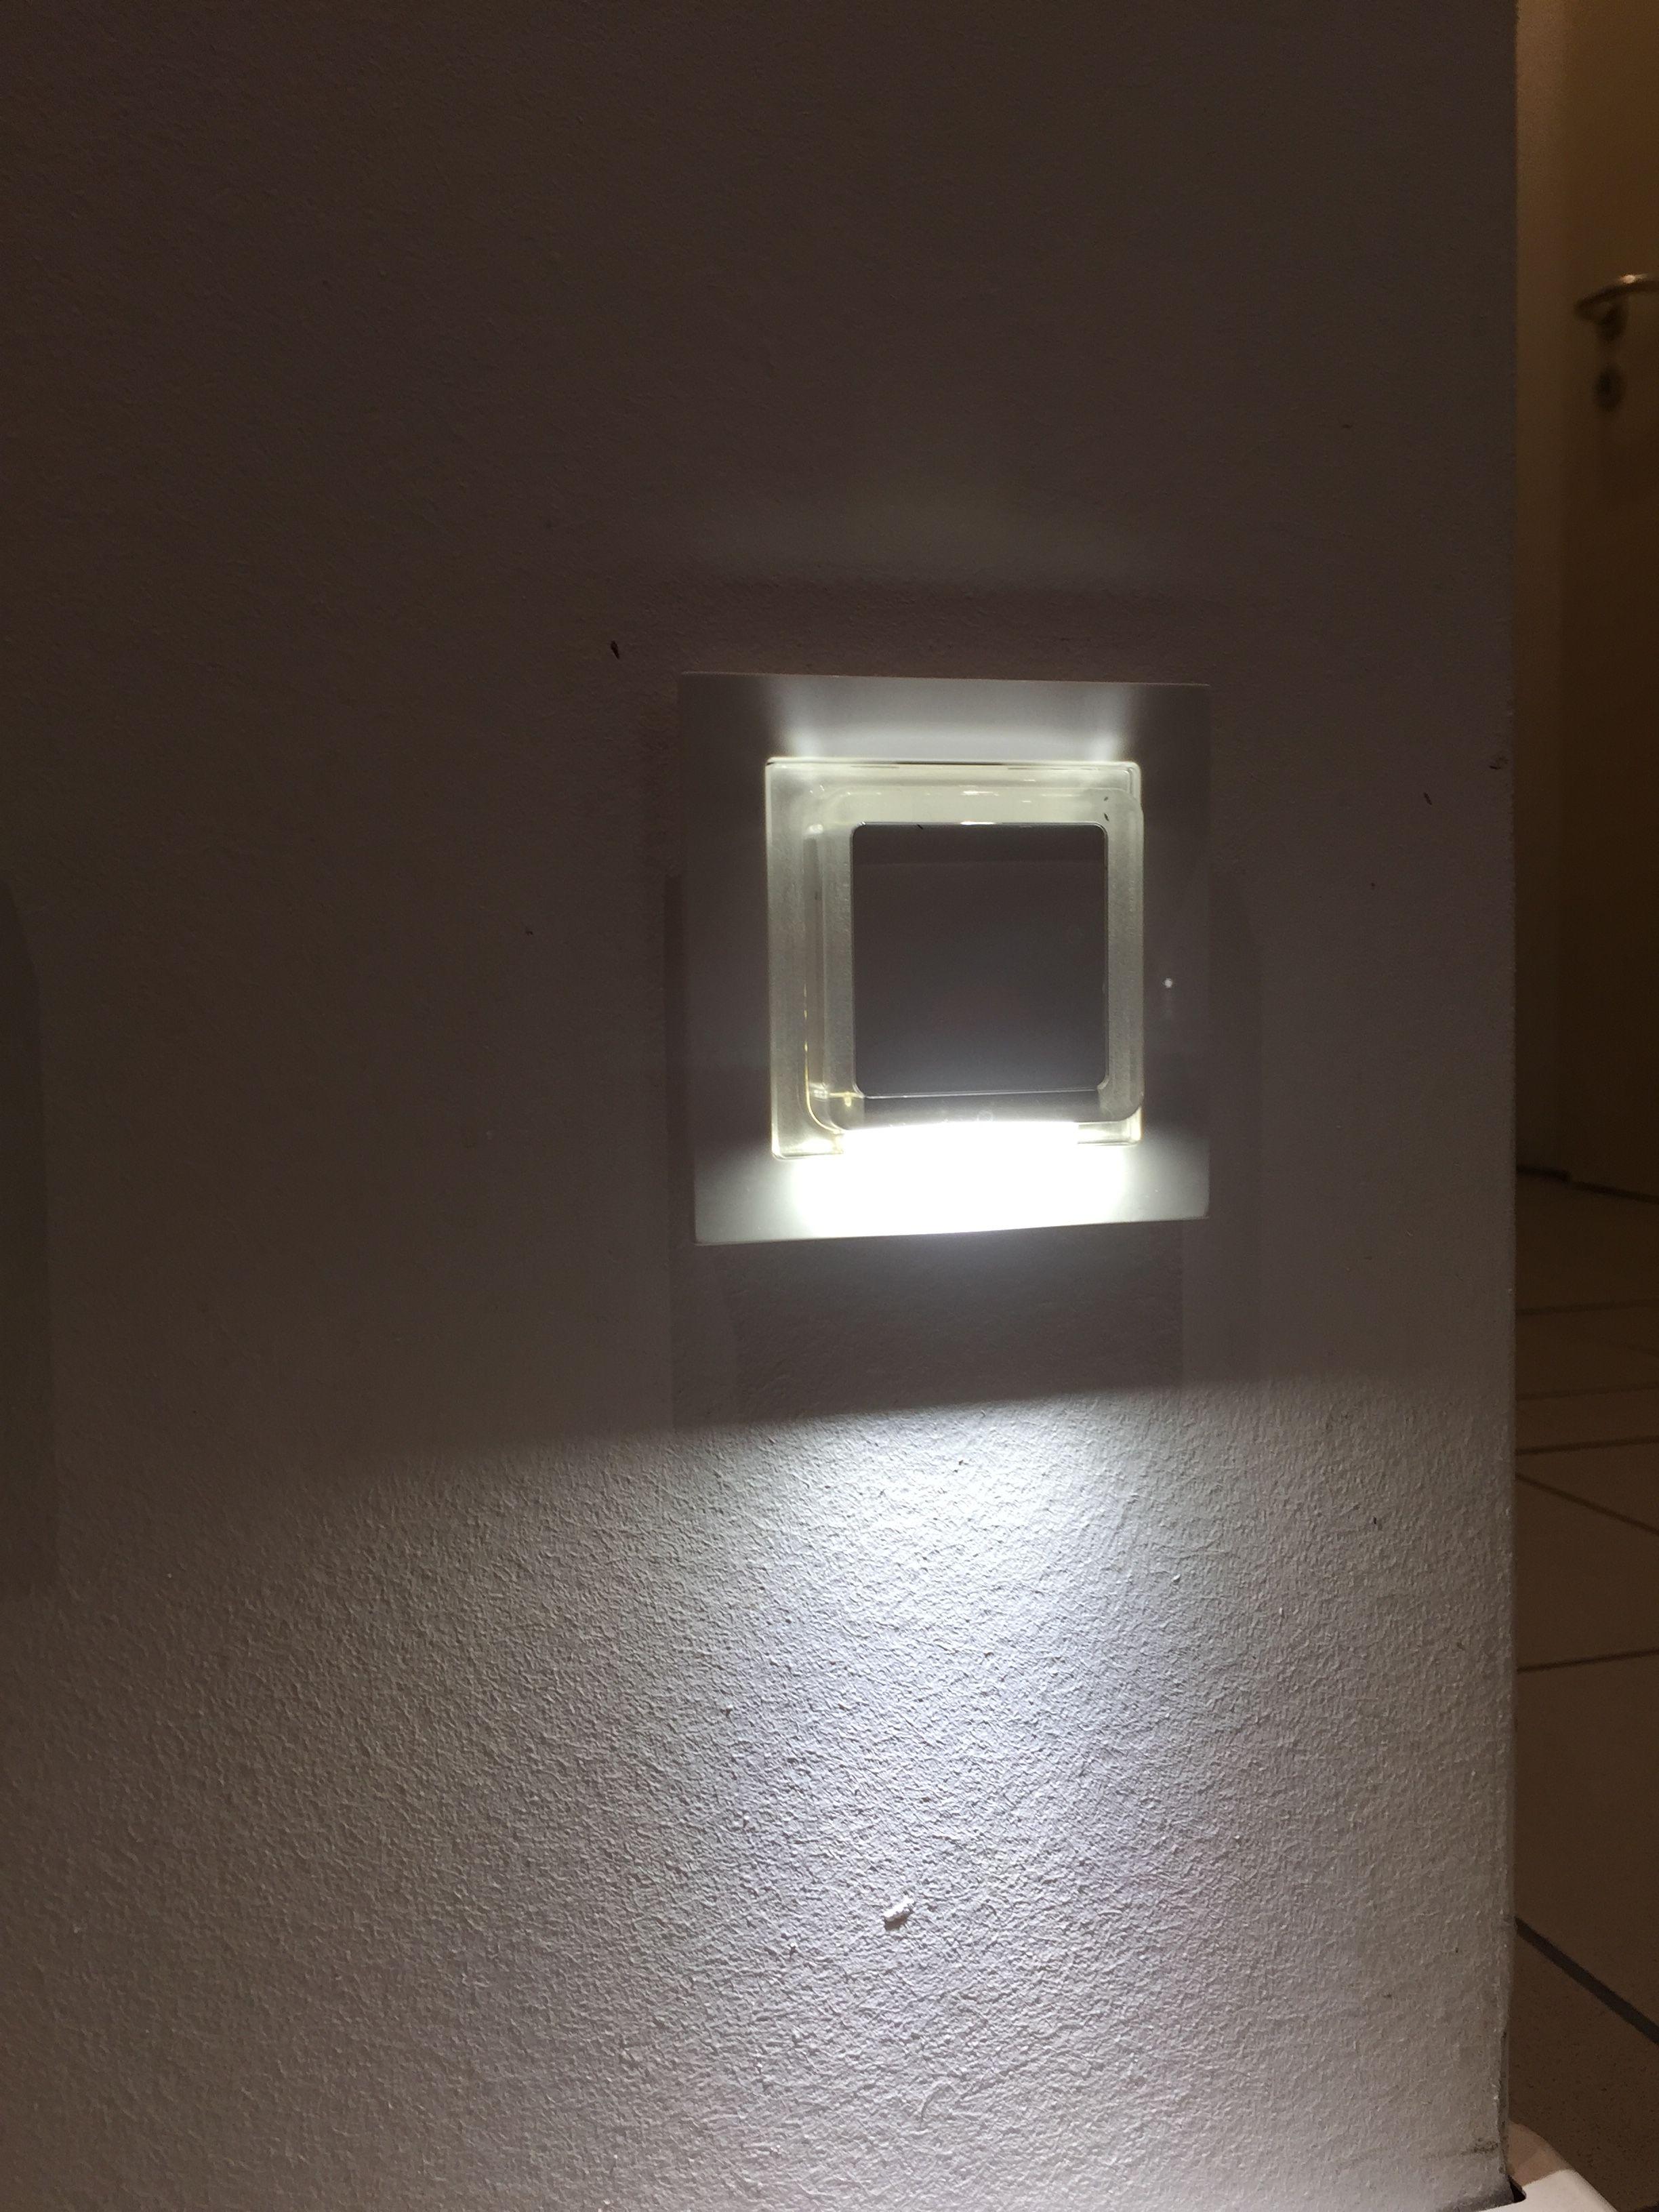 Busch Jaeger Ice Light Schalter Und Steckdosen Steckdosen Schalter